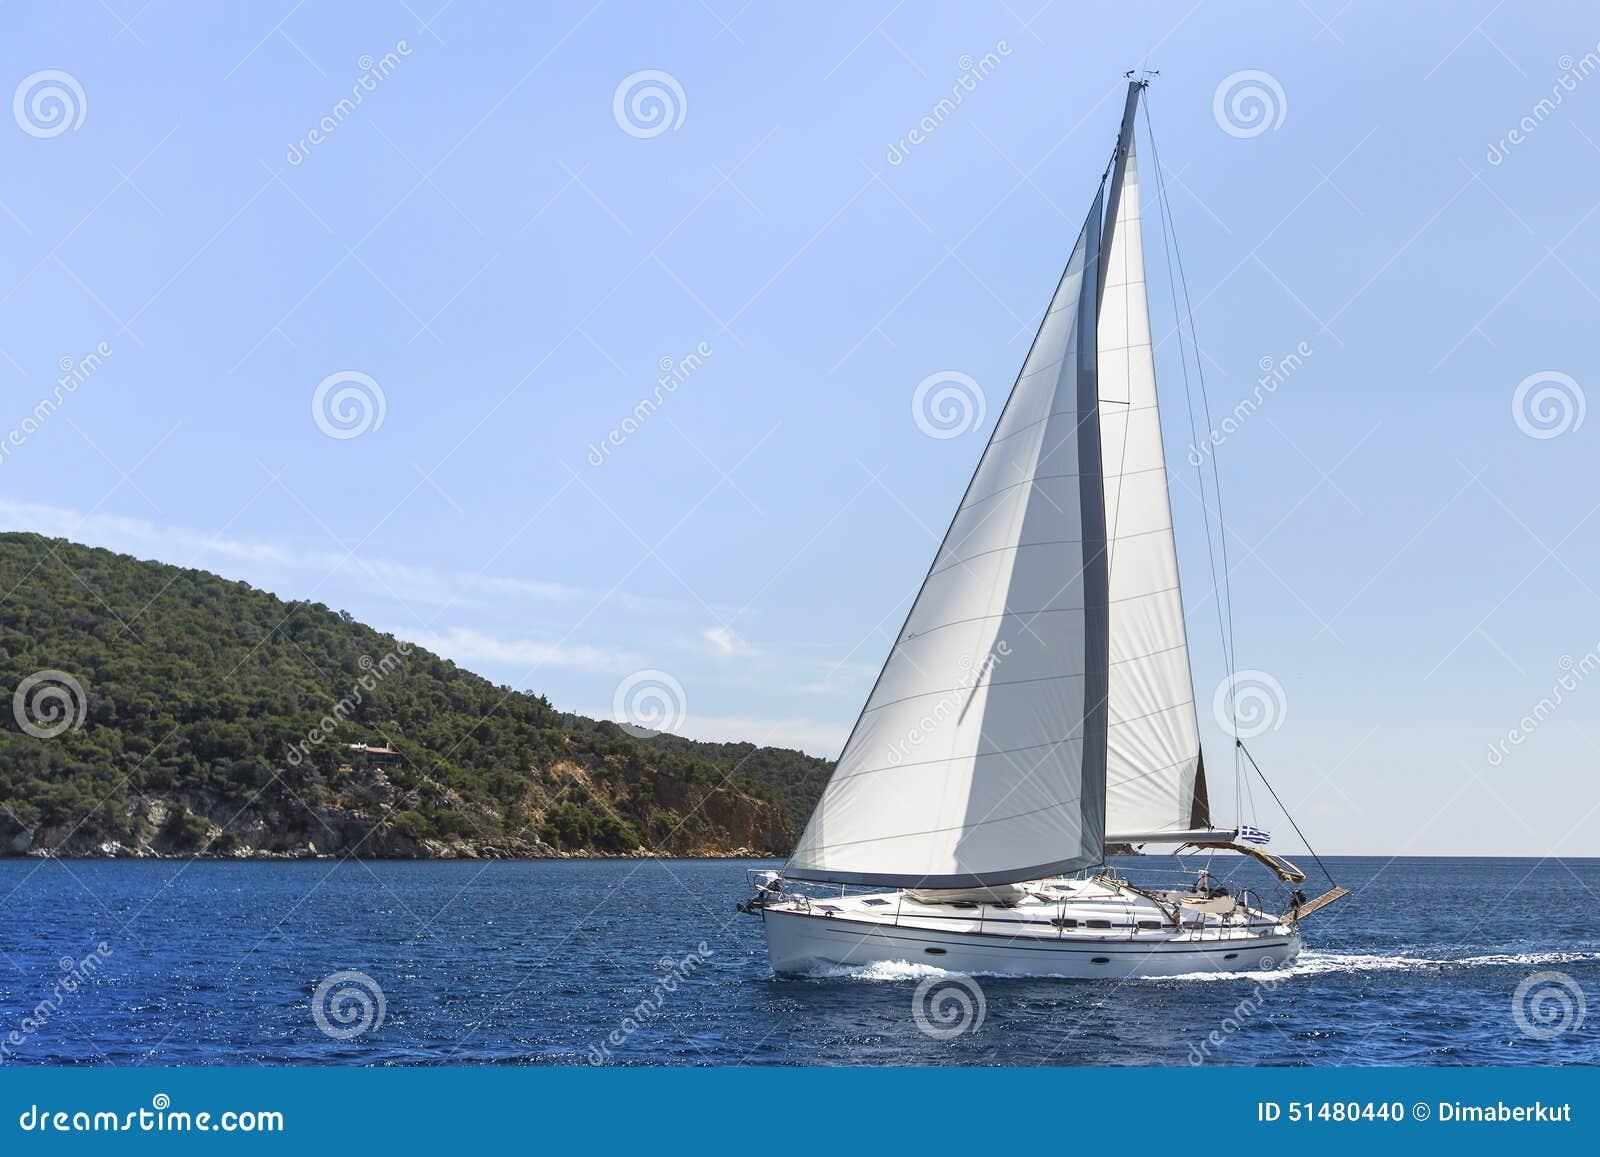 Zeilbootcruise op de Middellandse Zee sailing